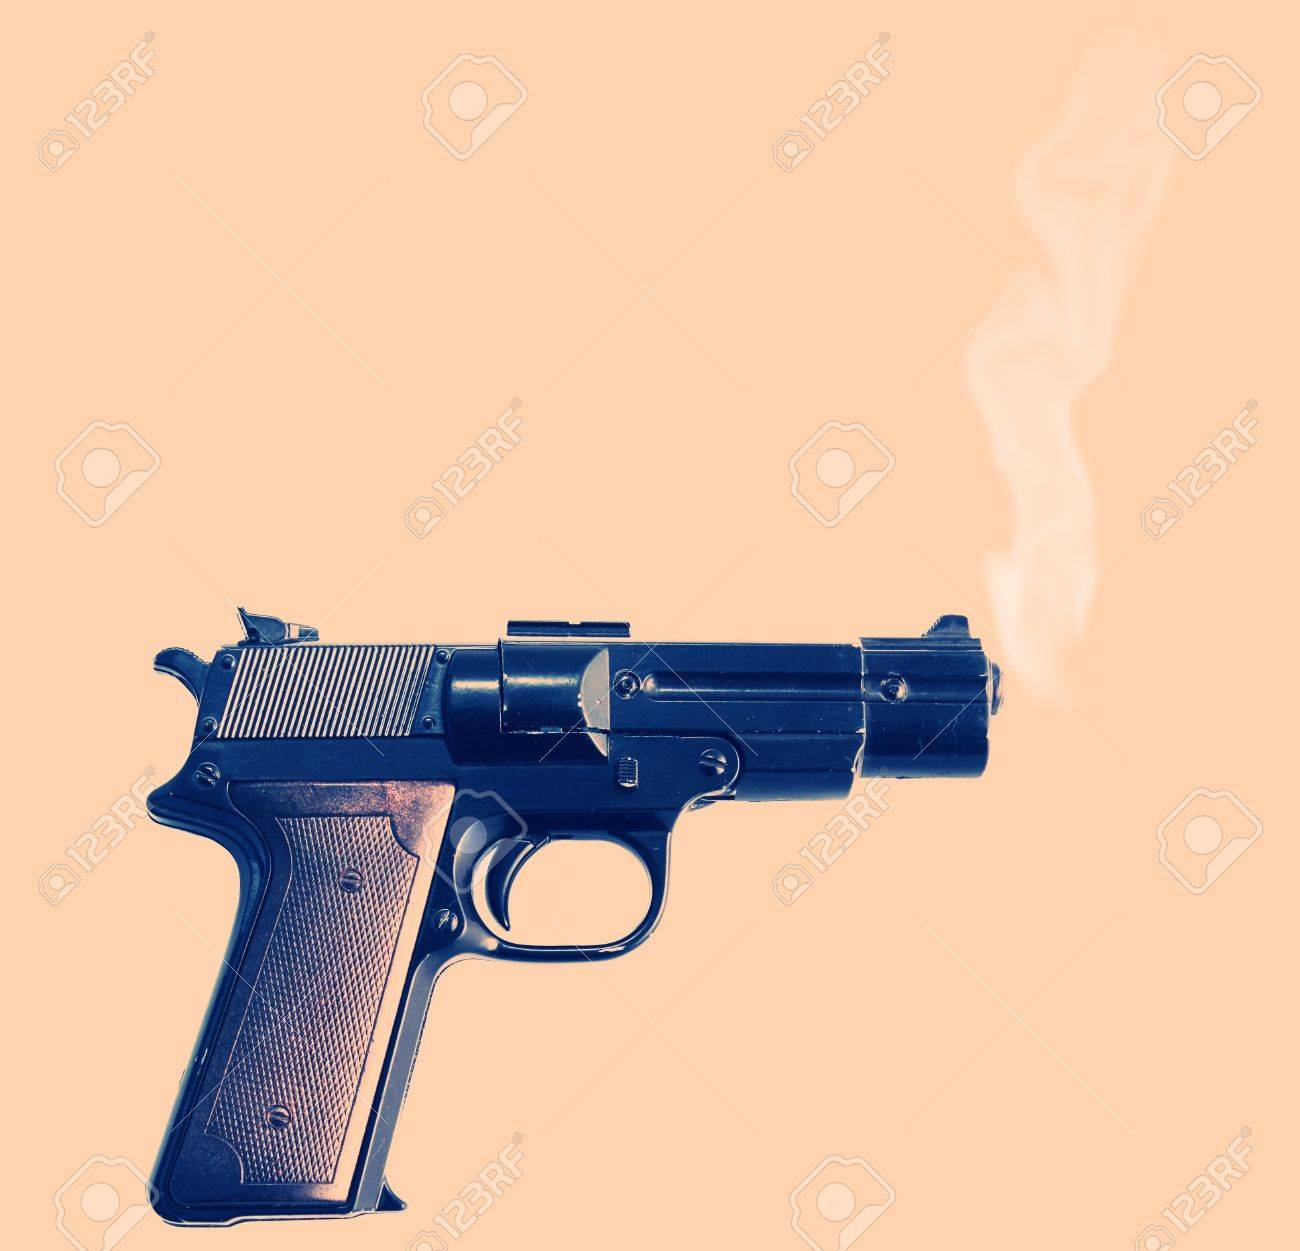 Image result for smoking gun photo